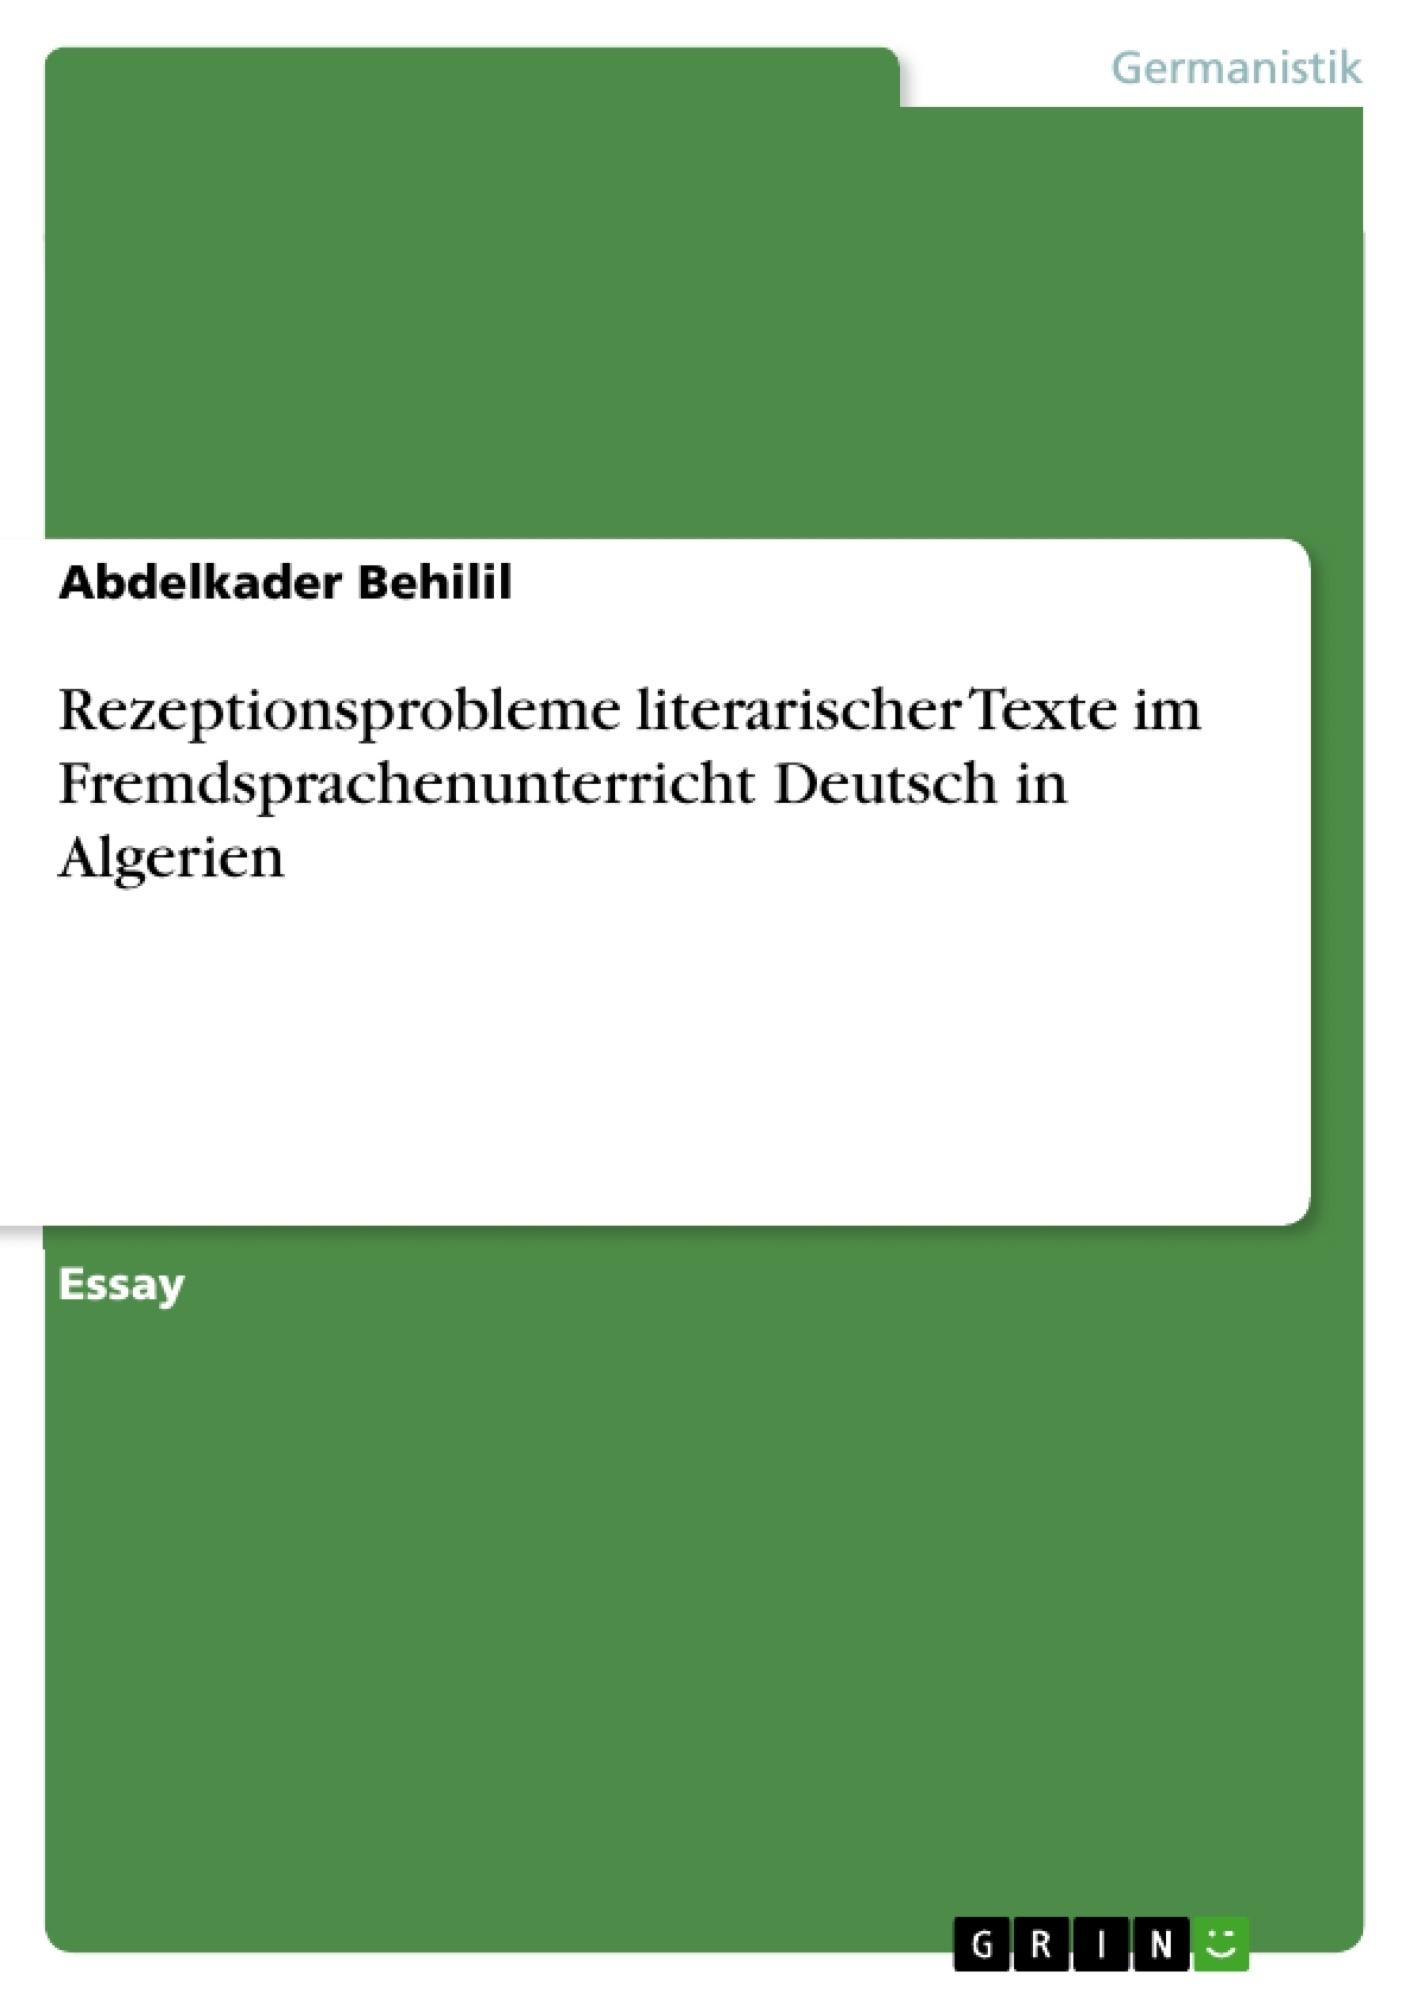 Titel: Rezeptionsprobleme literarischer Texte im Fremdsprachenunterricht Deutsch in Algerien